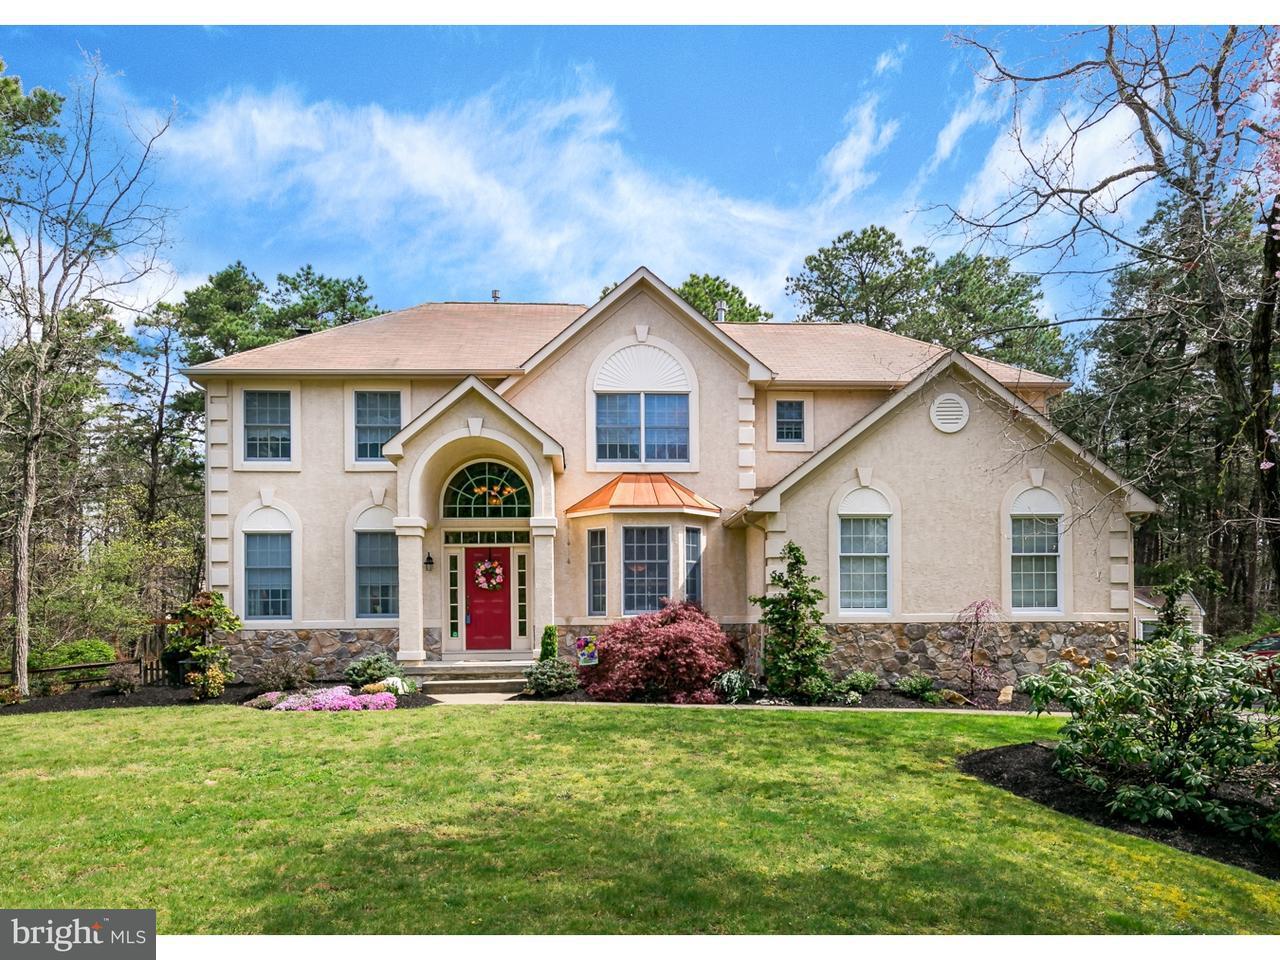 Casa Unifamiliar por un Venta en 53 JOHN SINGER SARGENT WAY Evesham Twp, Nueva Jersey 08053 Estados Unidos